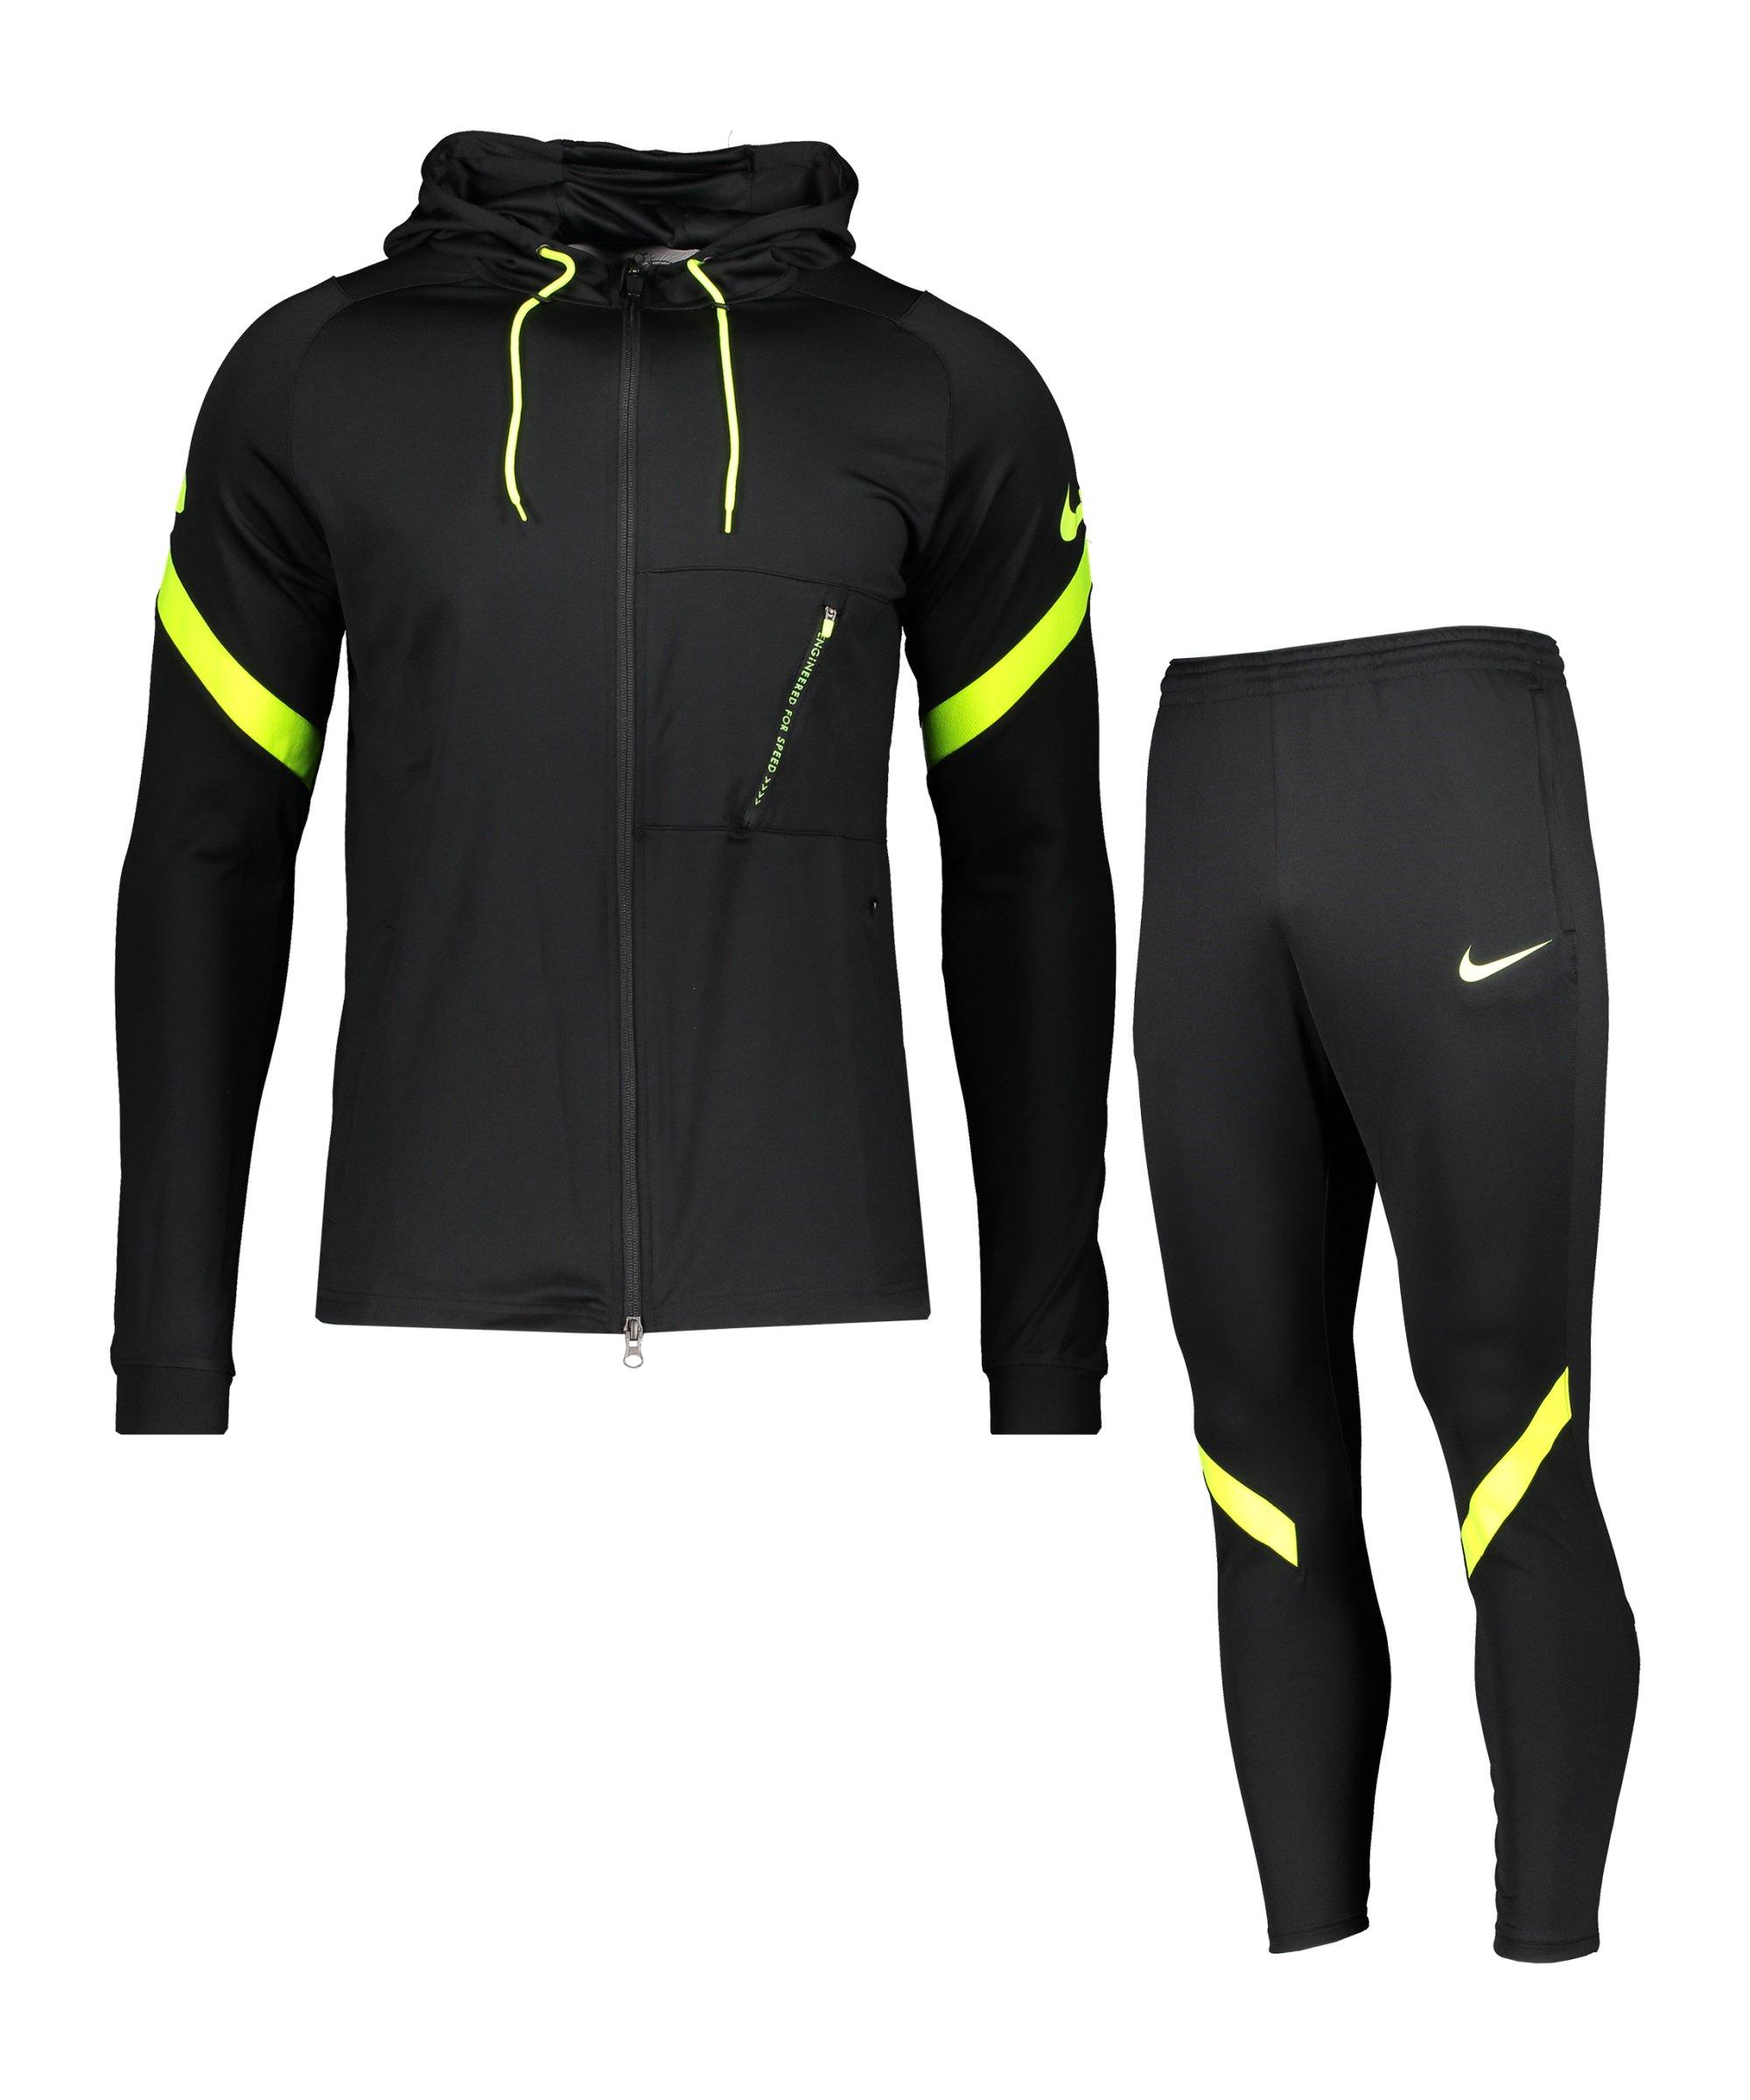 Nike Dry Strike Trainingsanzug Schwarz F014 - schwarz